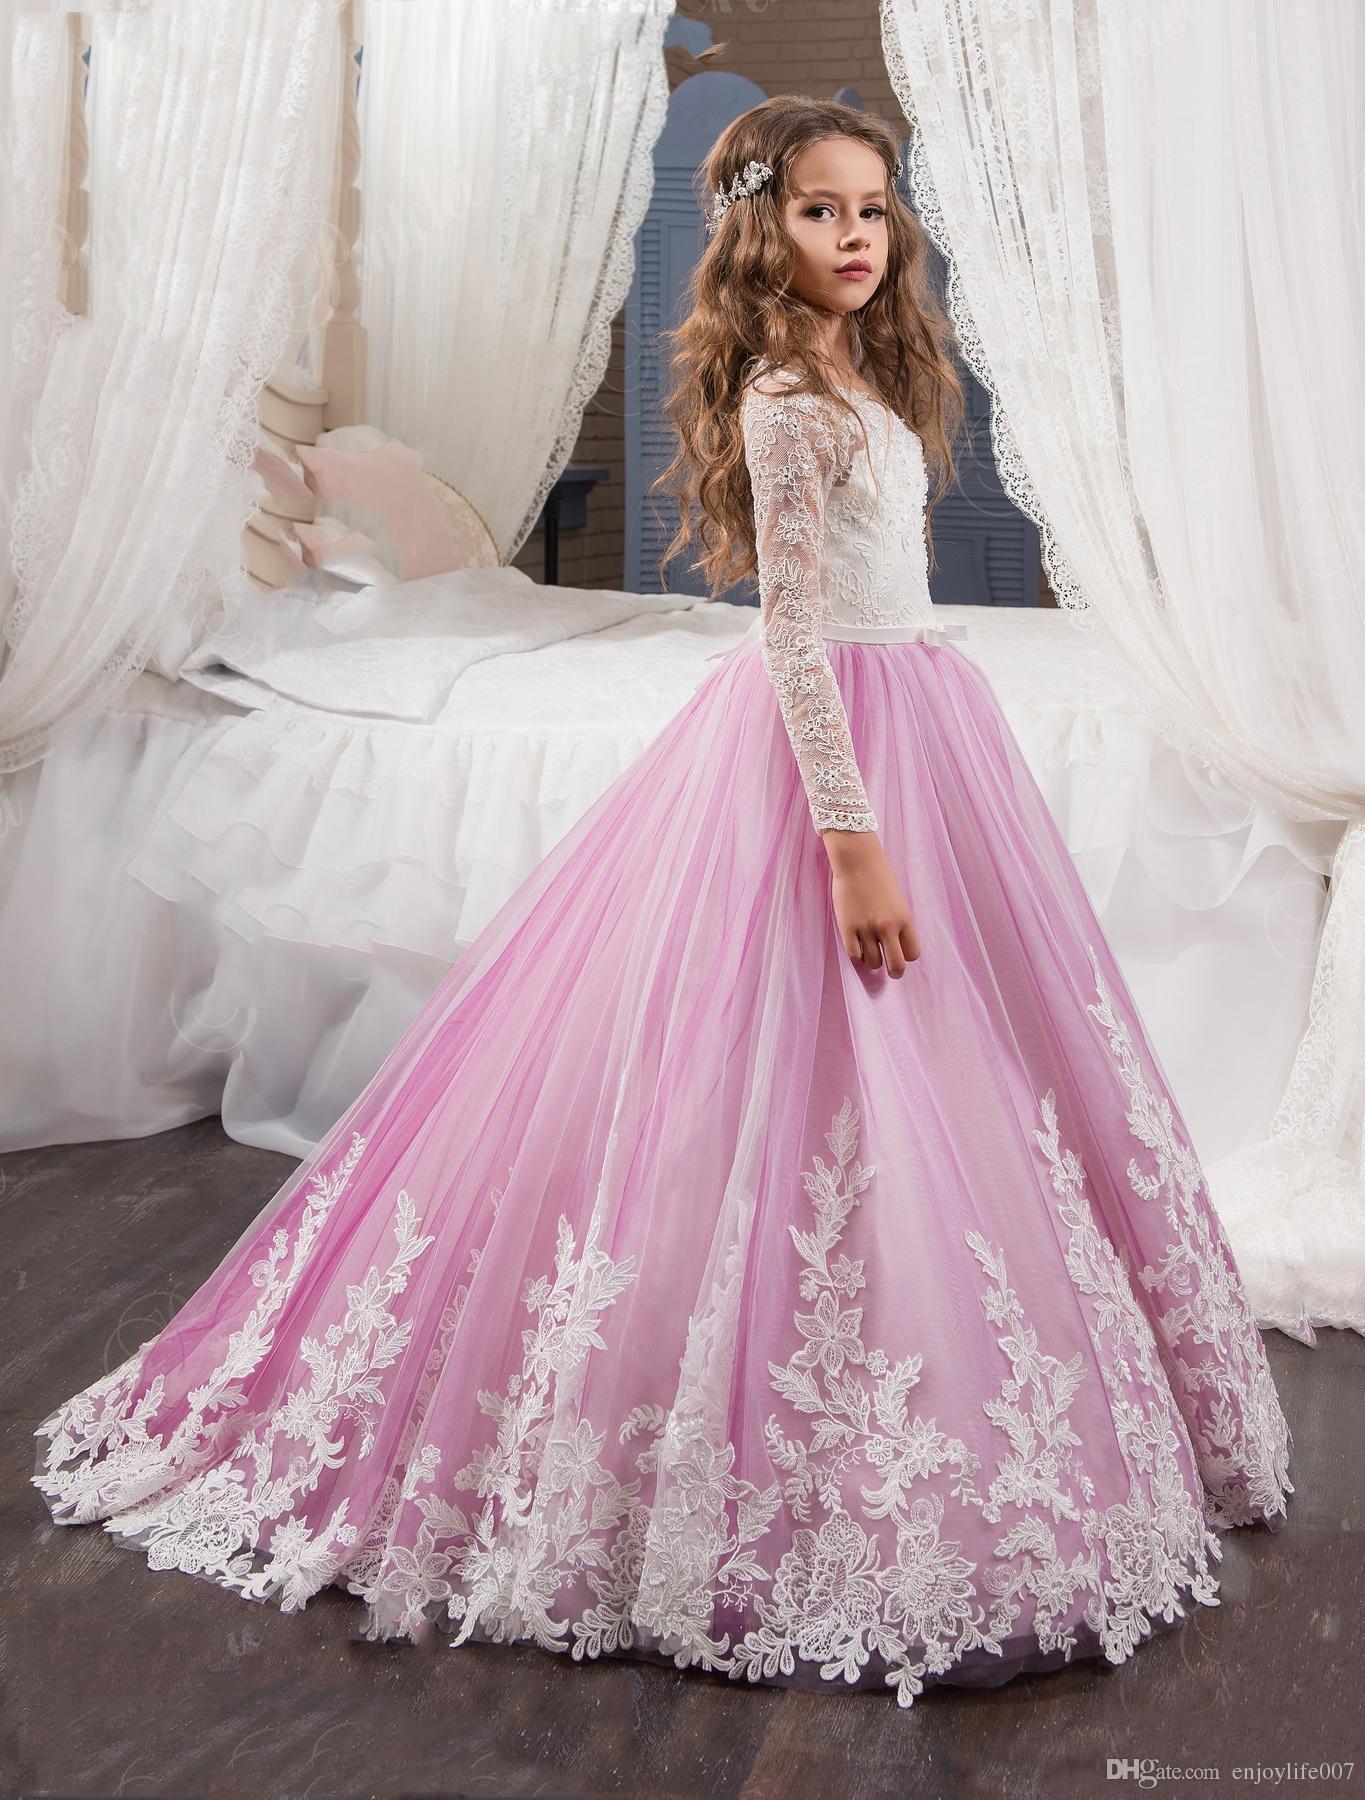 Fantastisch Children Wedding Dresses Bilder - Hochzeit Kleid Stile ...